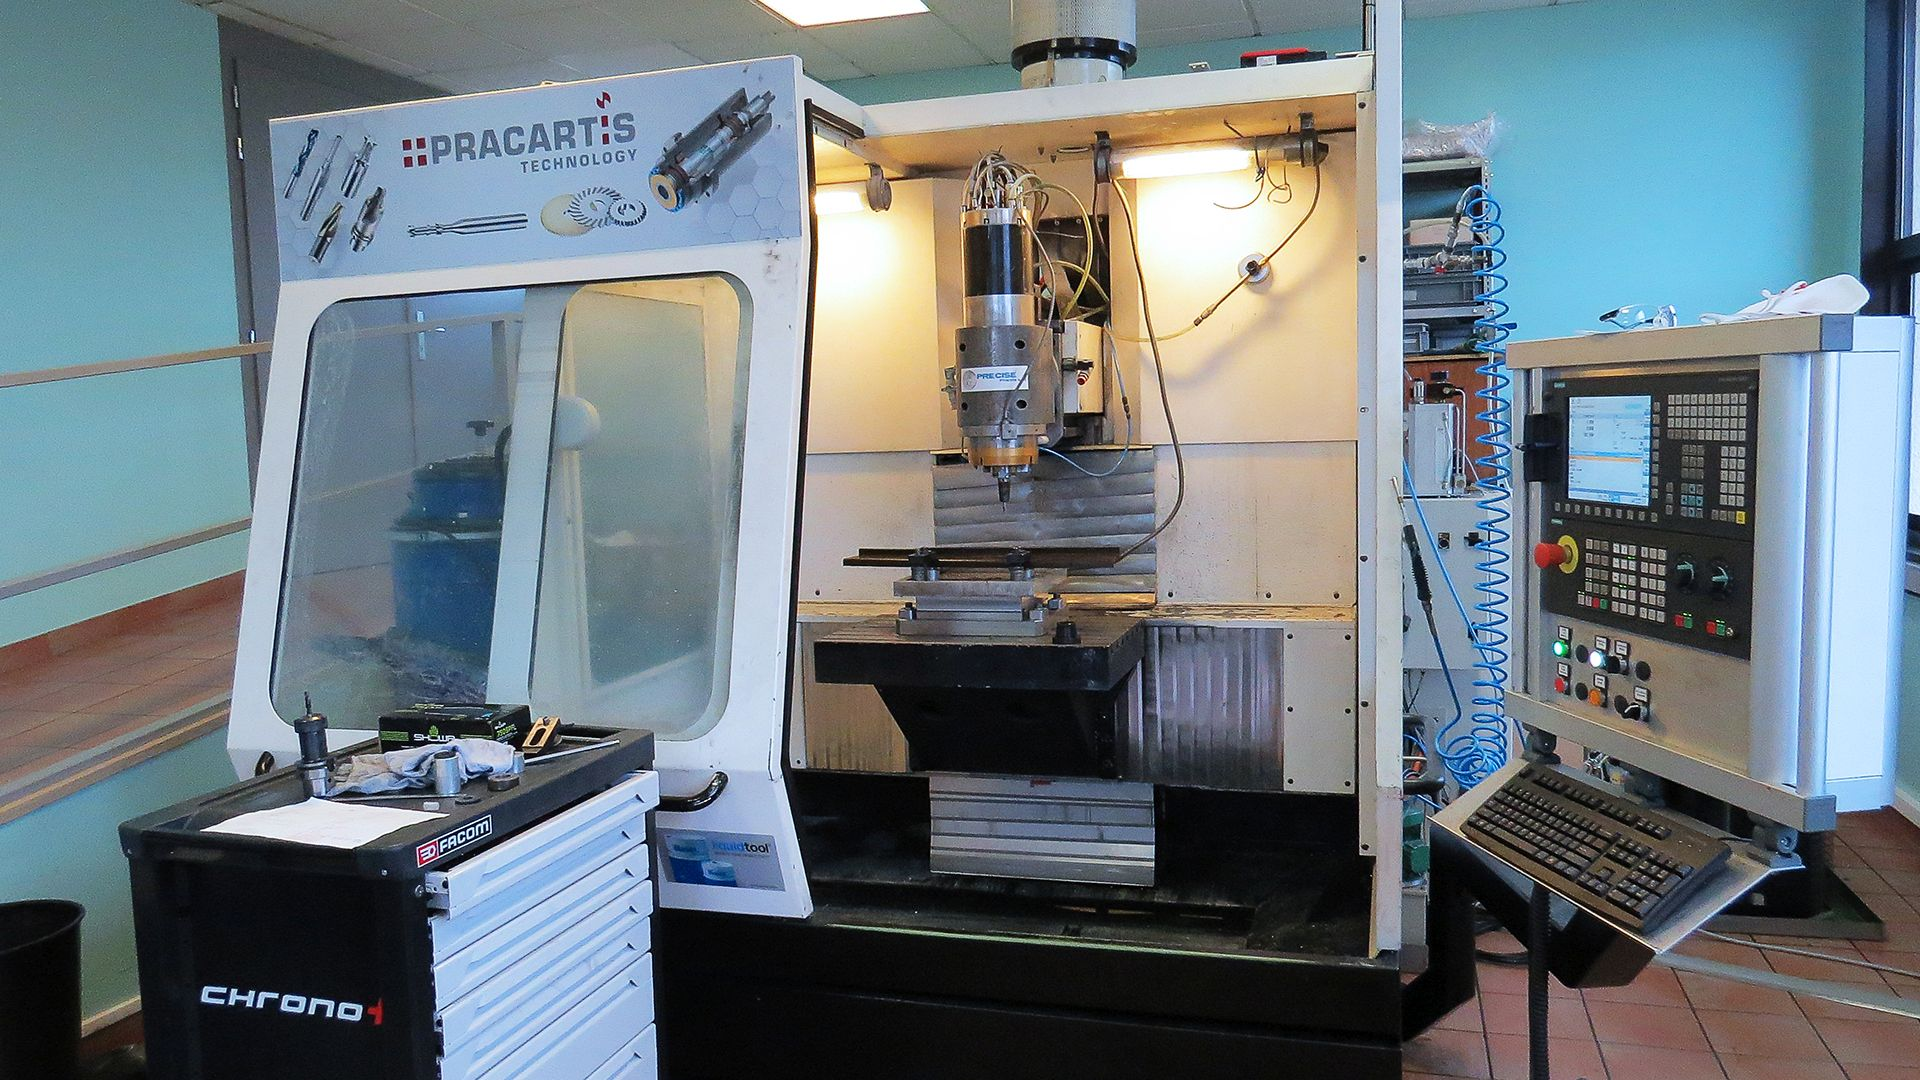 Precise France - Centre Essais Pracartis Groupe